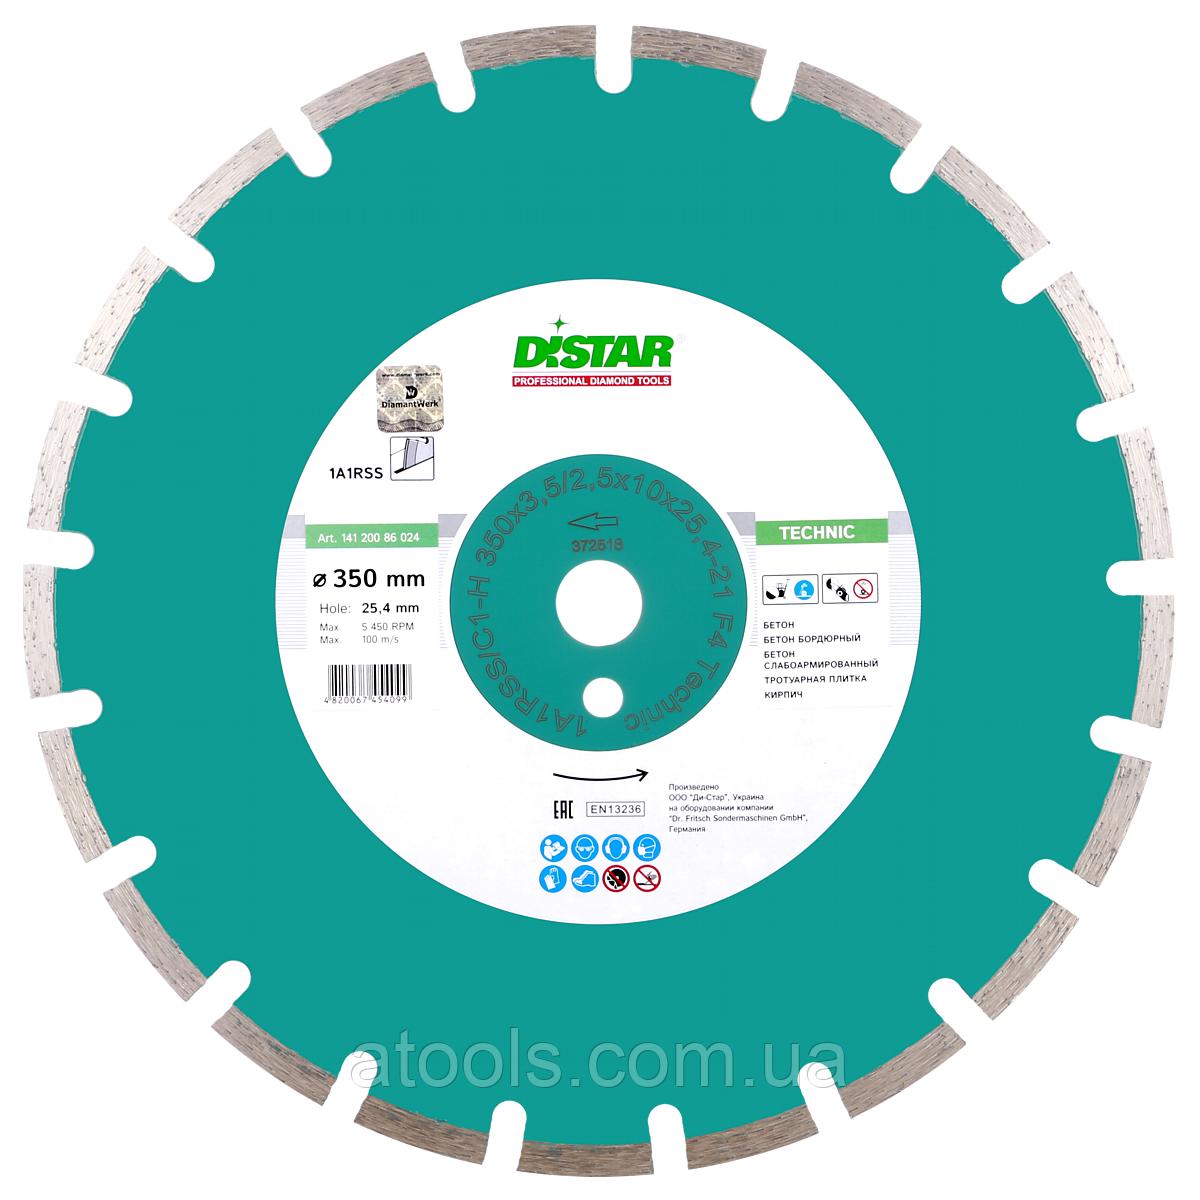 Алмазный отрезной диск Distar 1A1RSS/C1 350x3.5/2.5x10x25.4-(11.5)-21-HIT Technic (14120086024)